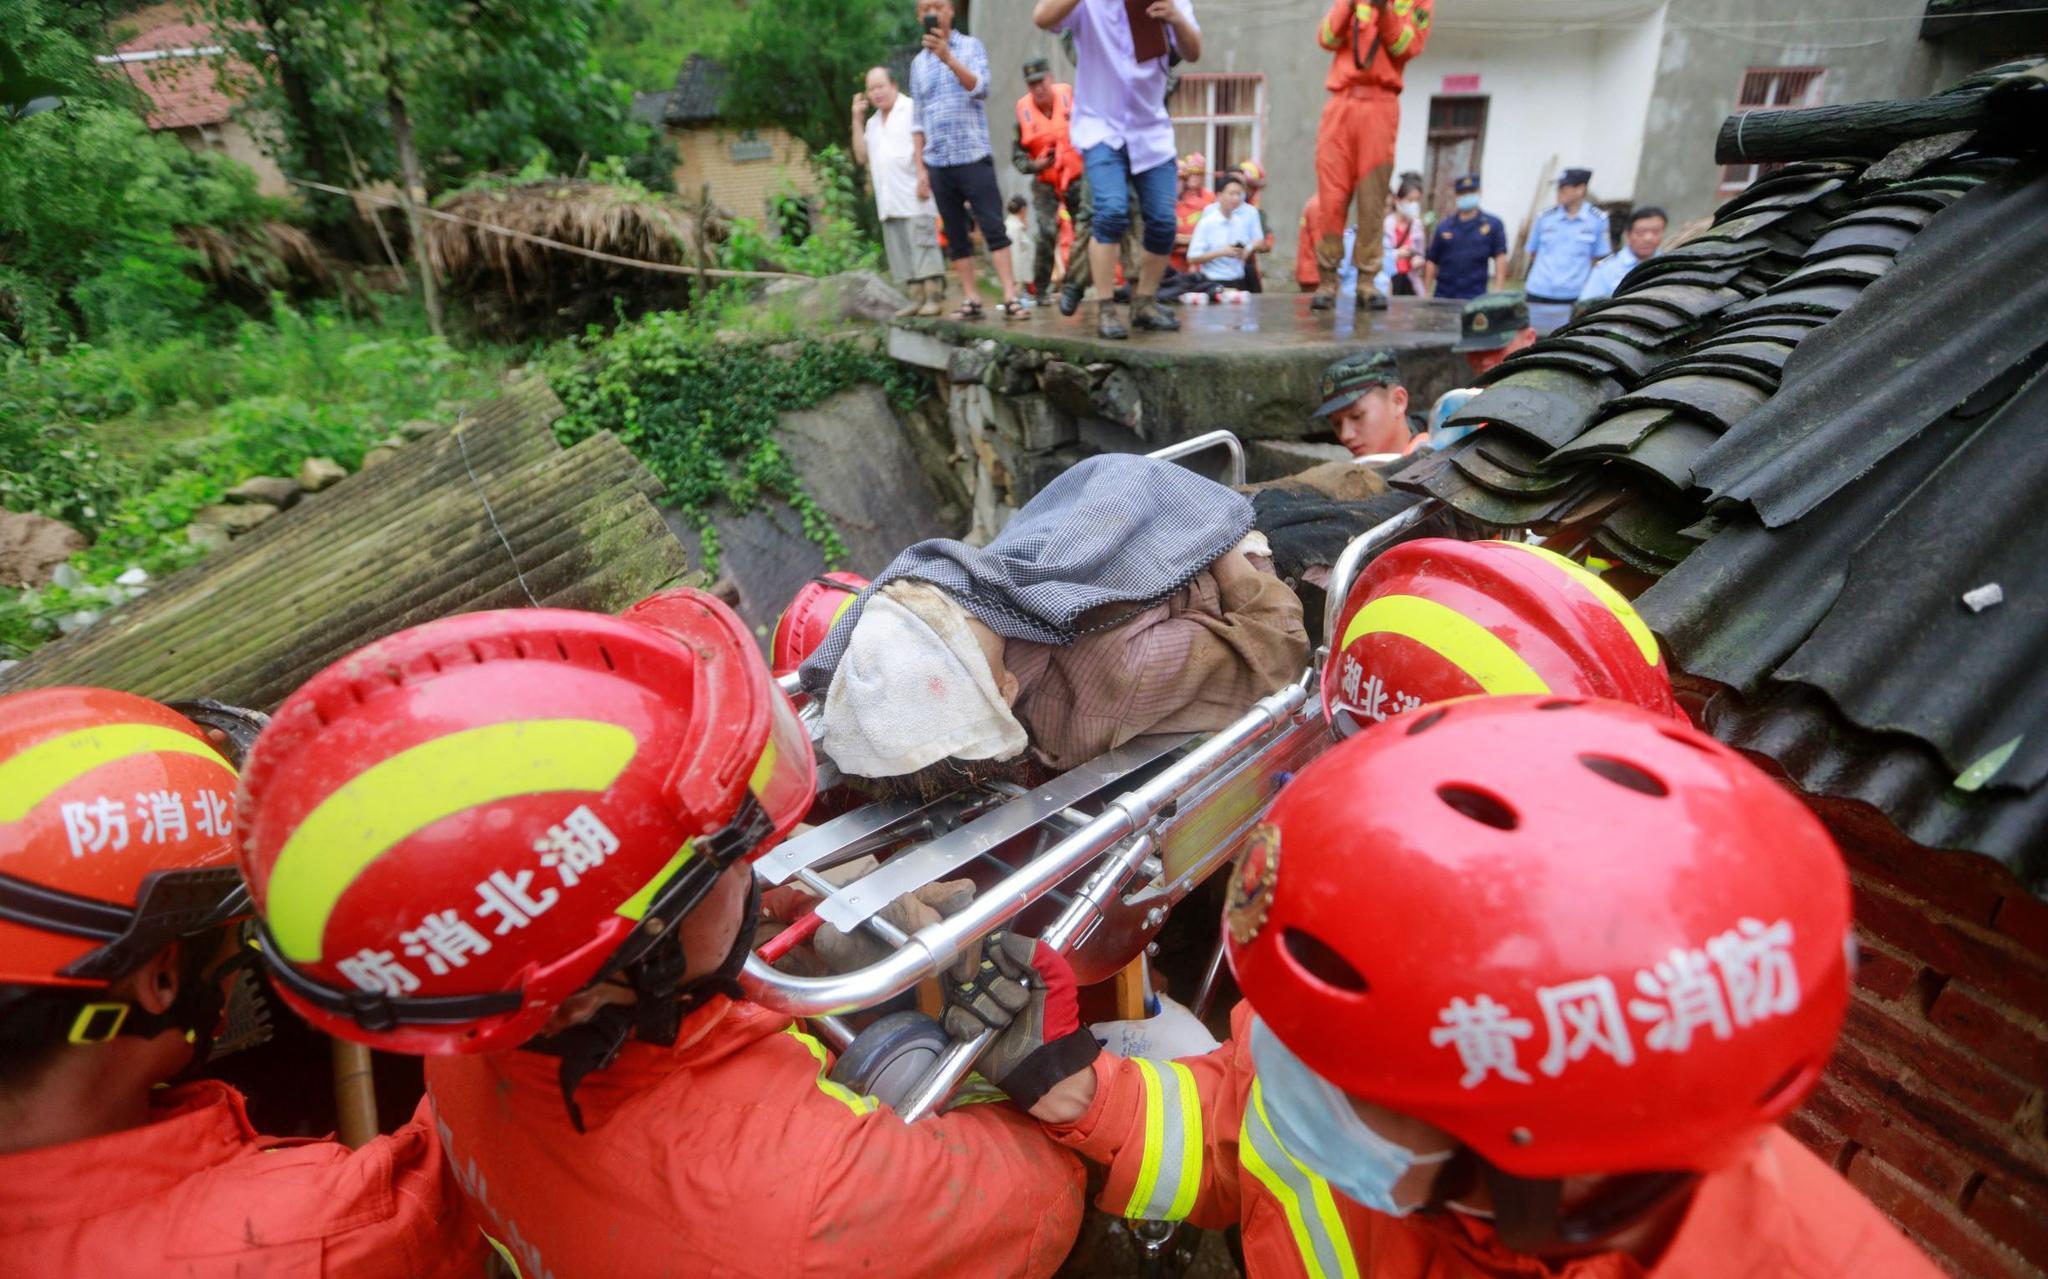 黄梅山体滑坡9人被埋1人获救,救援者讲述营救过程图片